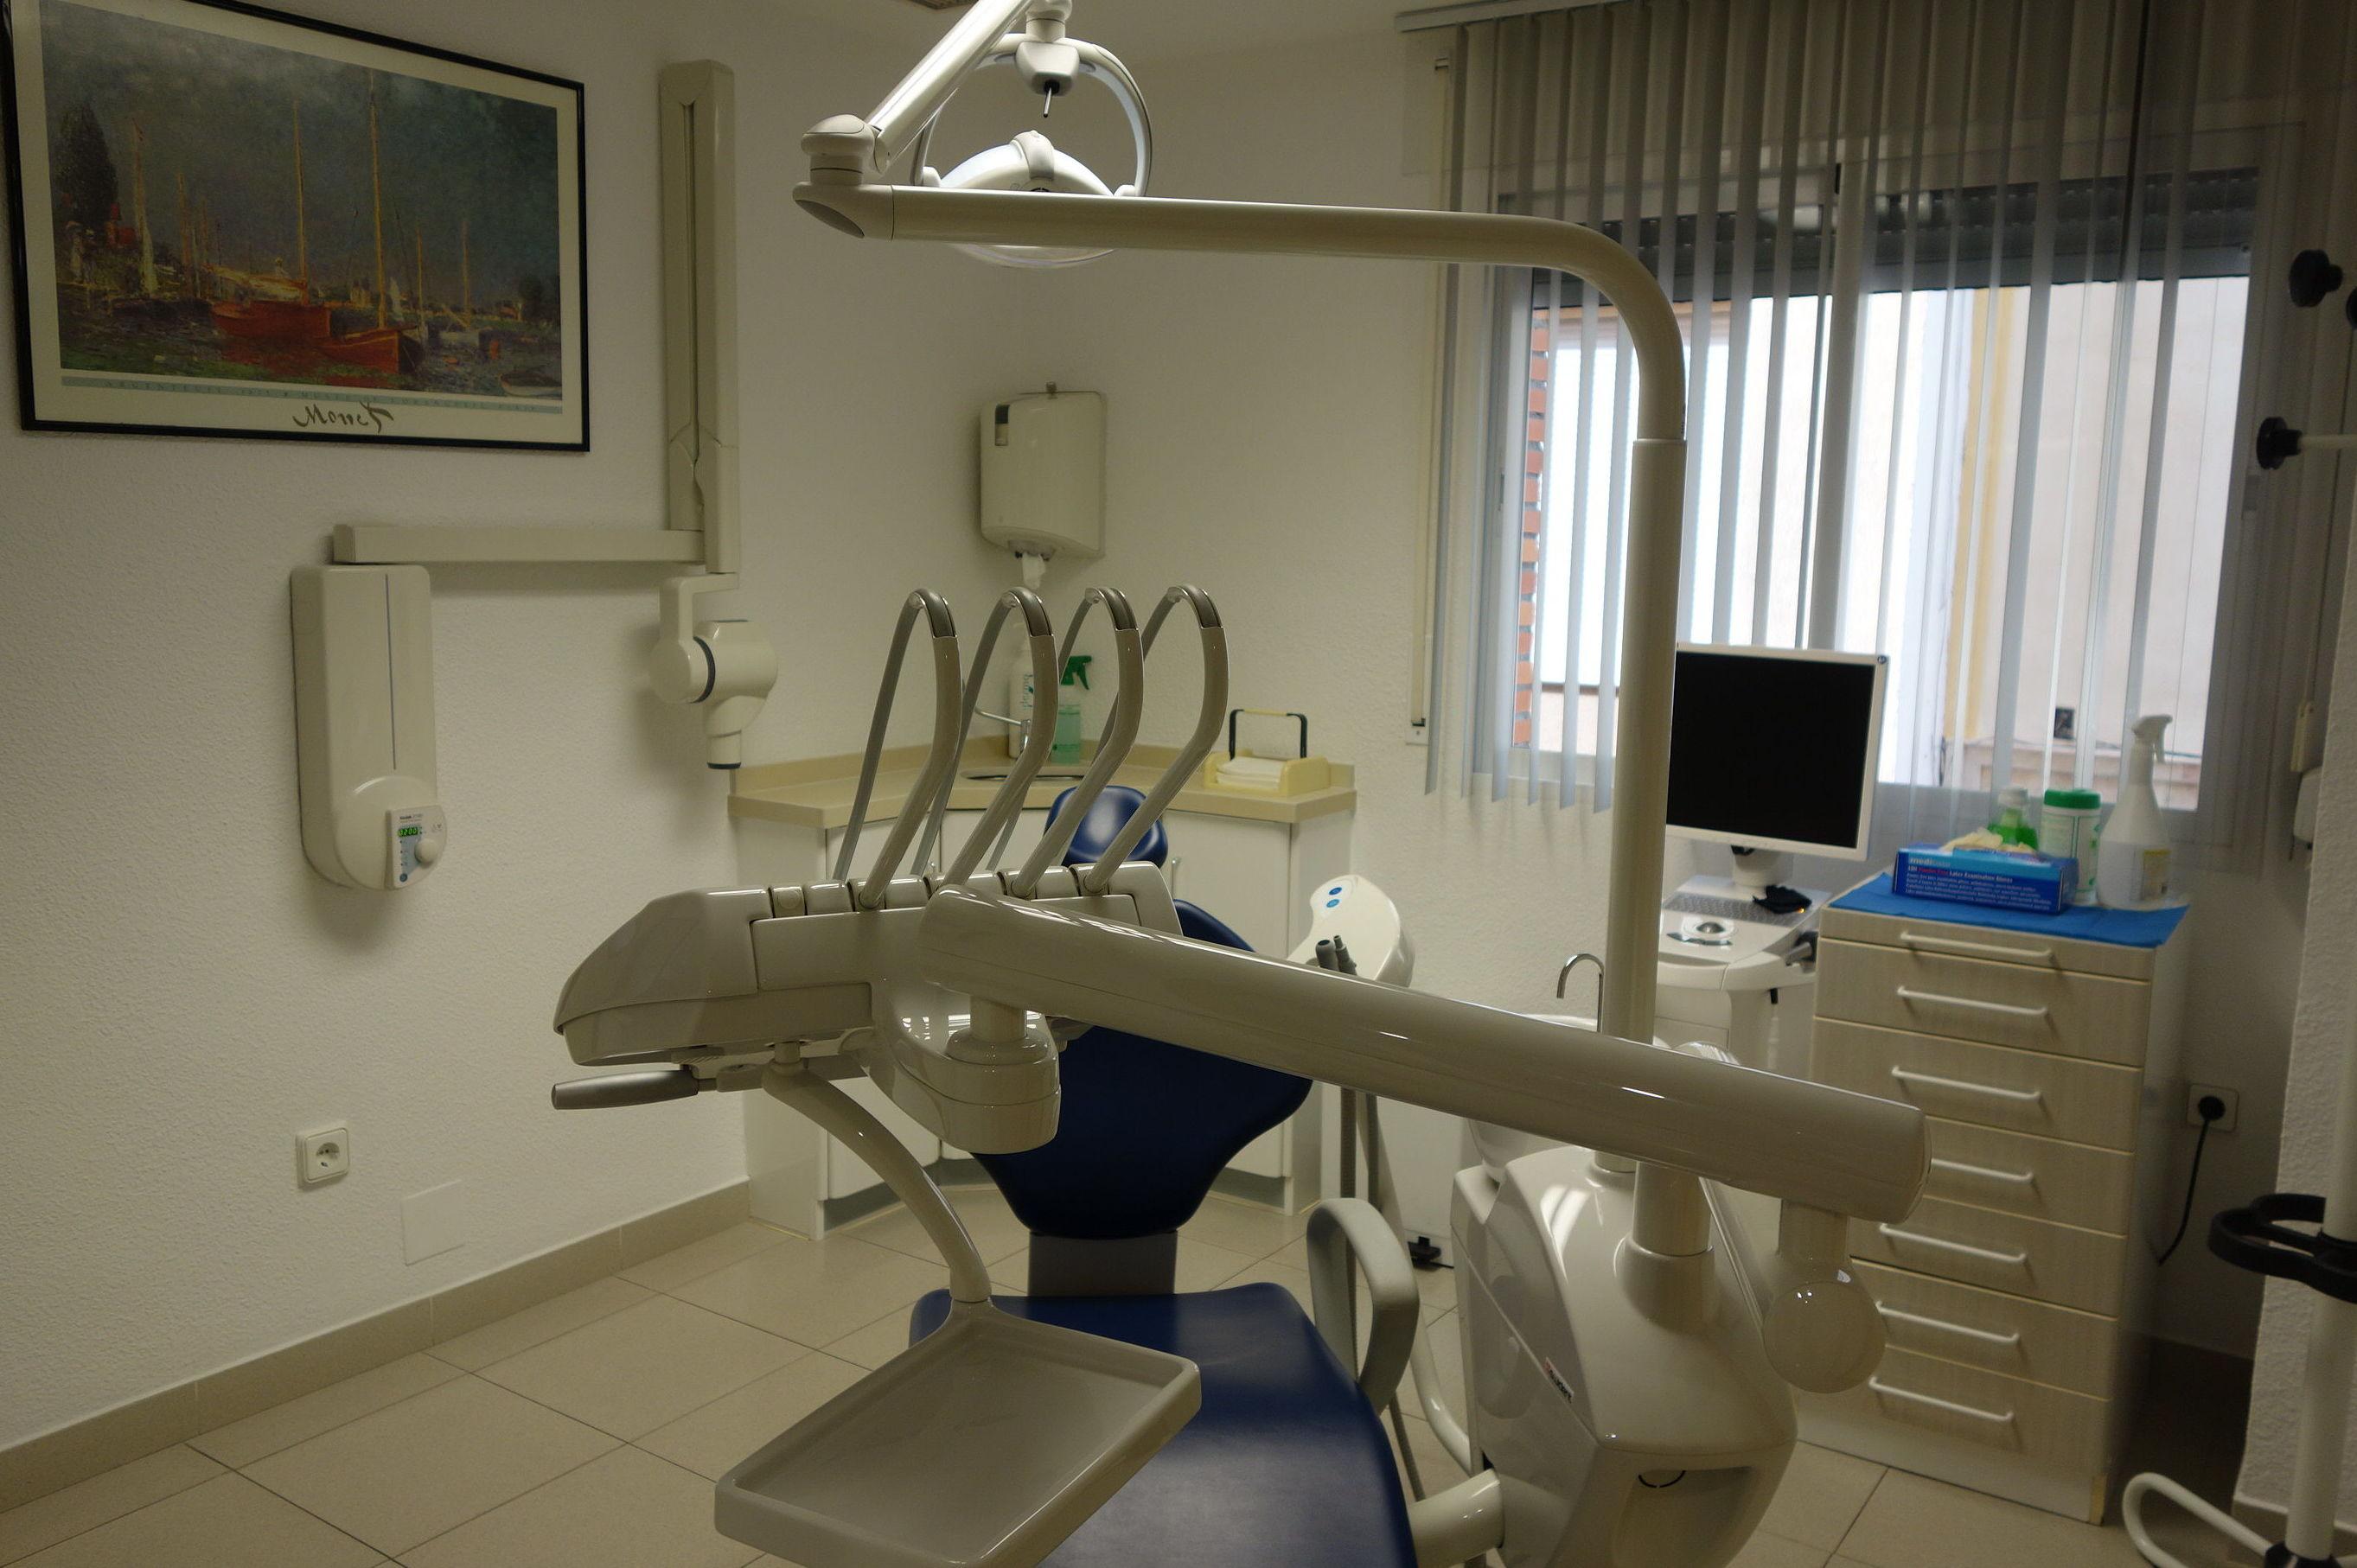 Foto 2 de Clínicas dentales en Motril | Clínica Dental Francisco Javier García Jerónimo